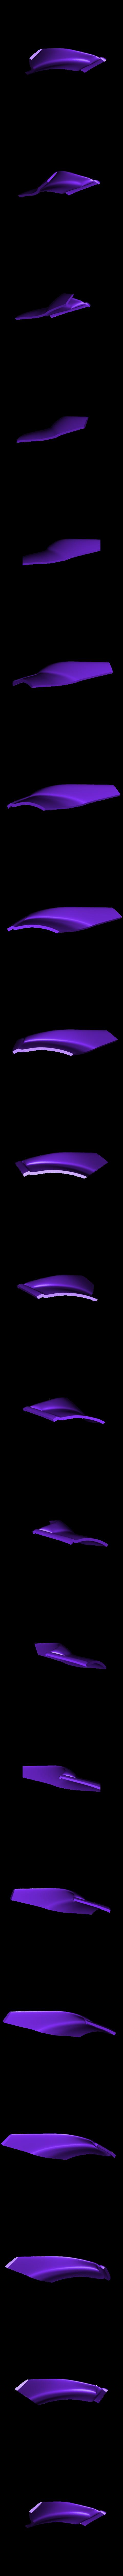 Hex3D_Vader_Dome_Part3.stl Descargar archivo STL Darth Vader - Casco de Revelación 3D para Imprimir • Diseño para imprimir en 3D, Geoffro